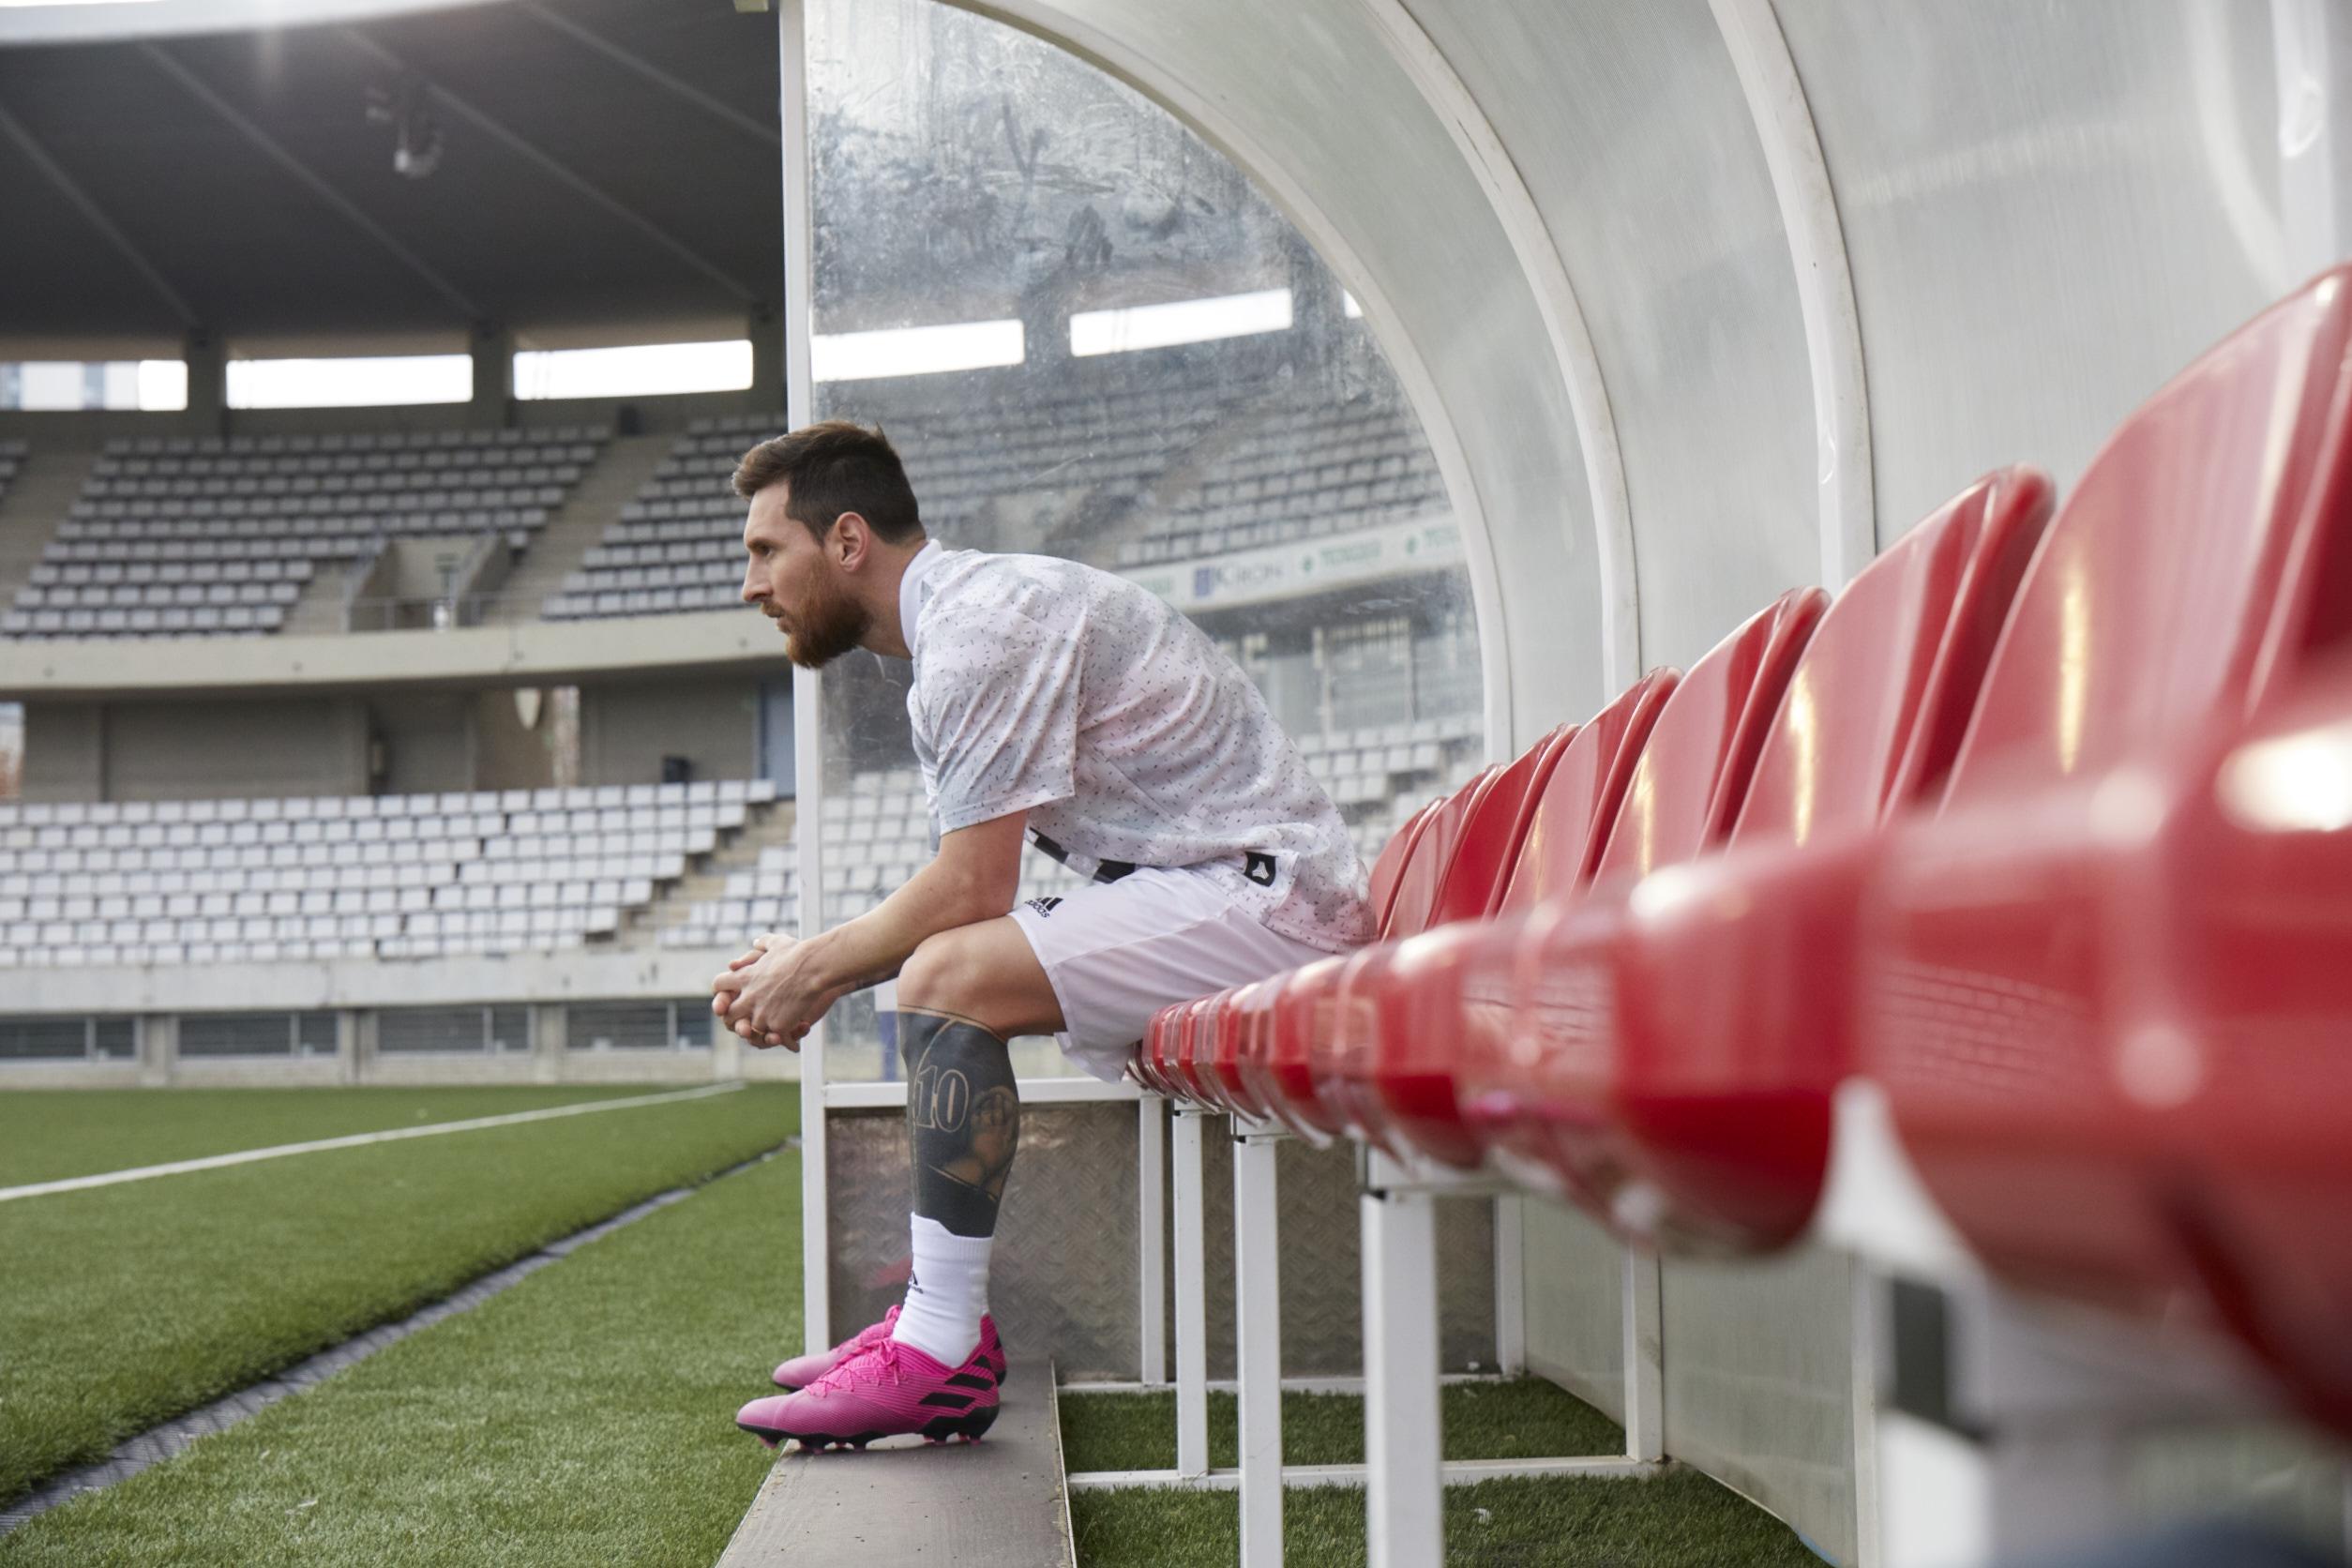 Pack Hardwired, las zapatillas de los astros del fútbol se reinventan con colores vibrantes